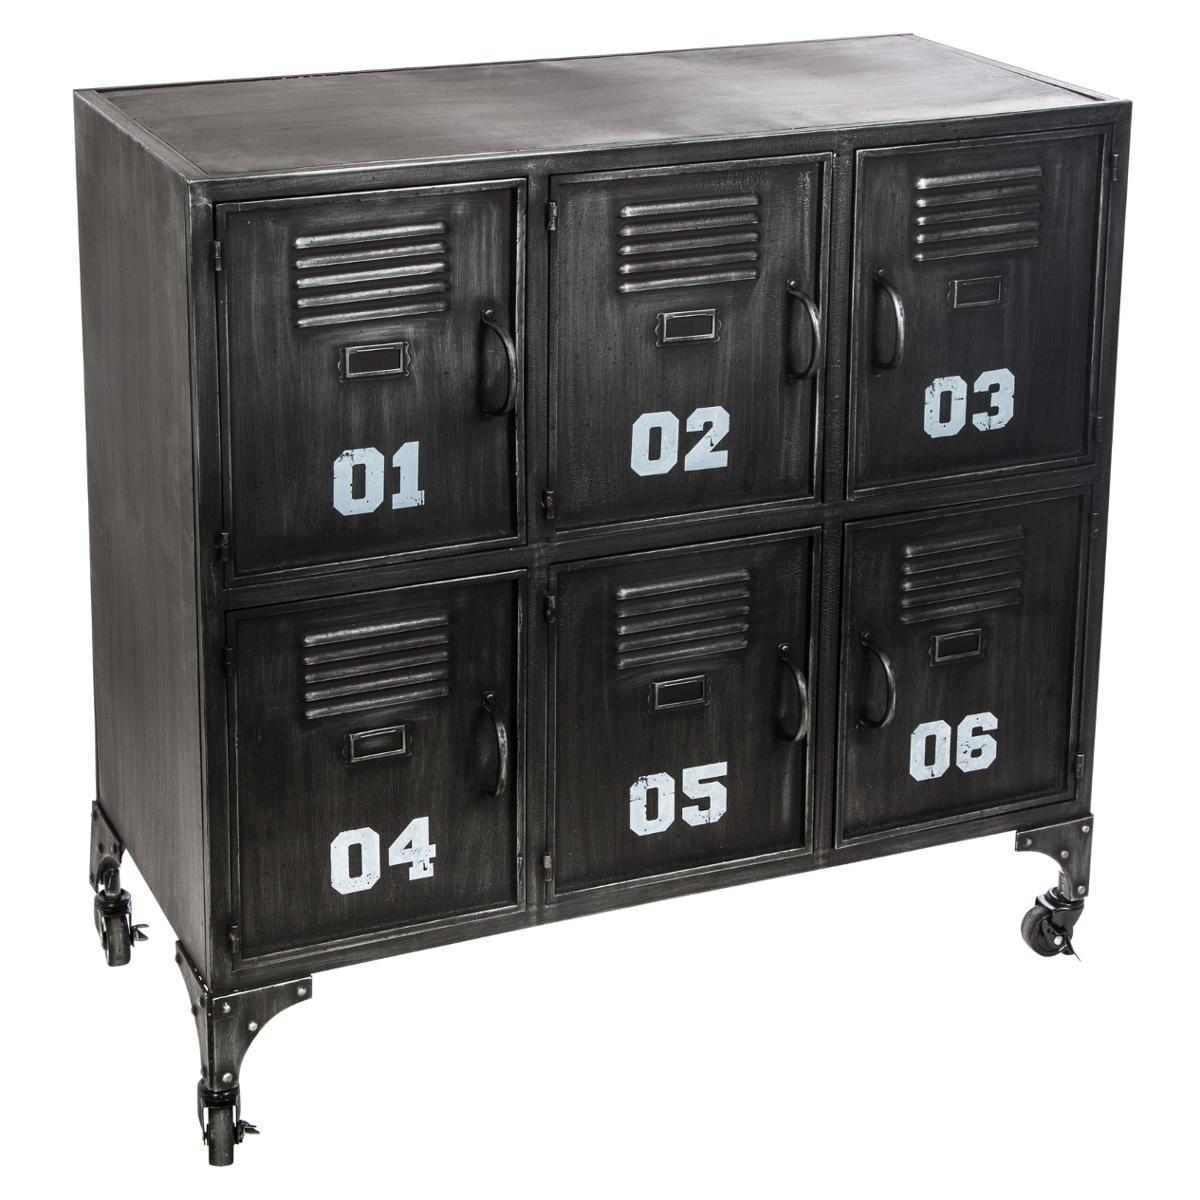 meuble rangement metal noir 6 portes ref 3002207